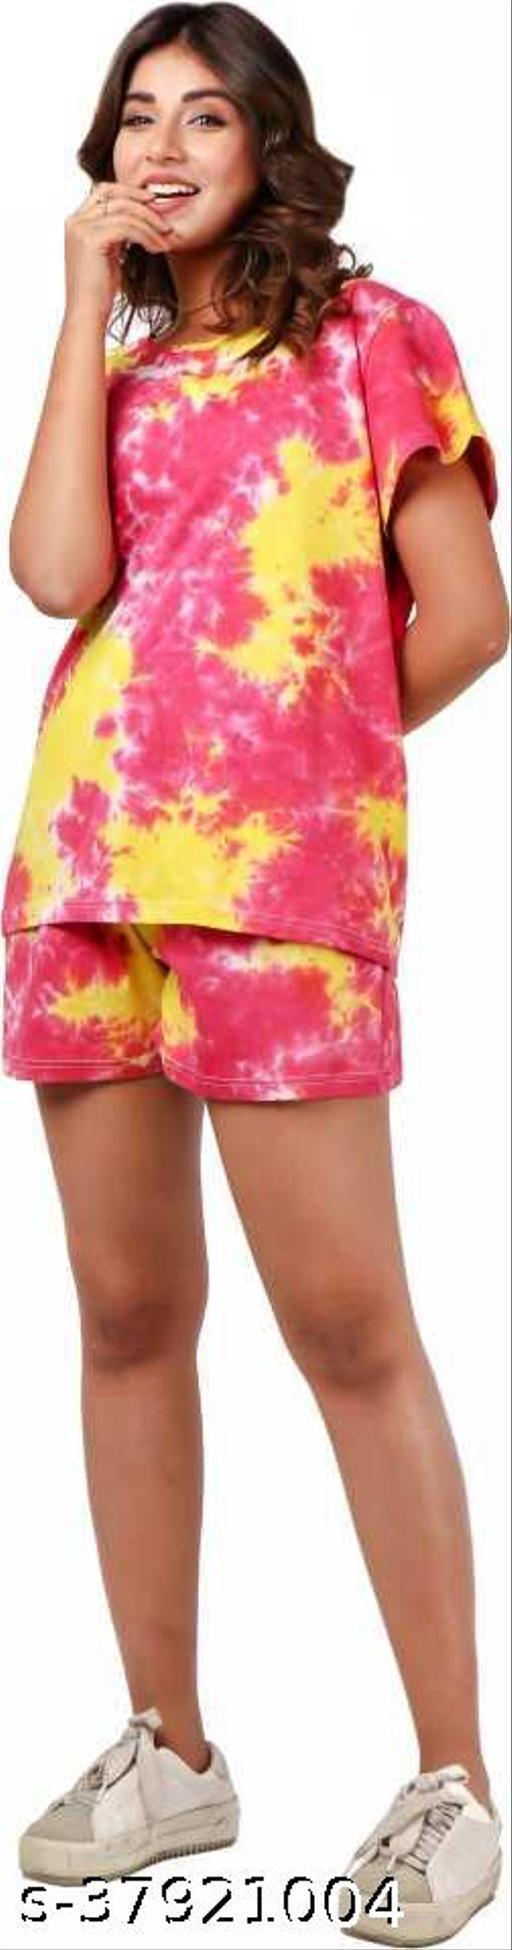 Women Printed Pink, Yellow Top & Shorts Set